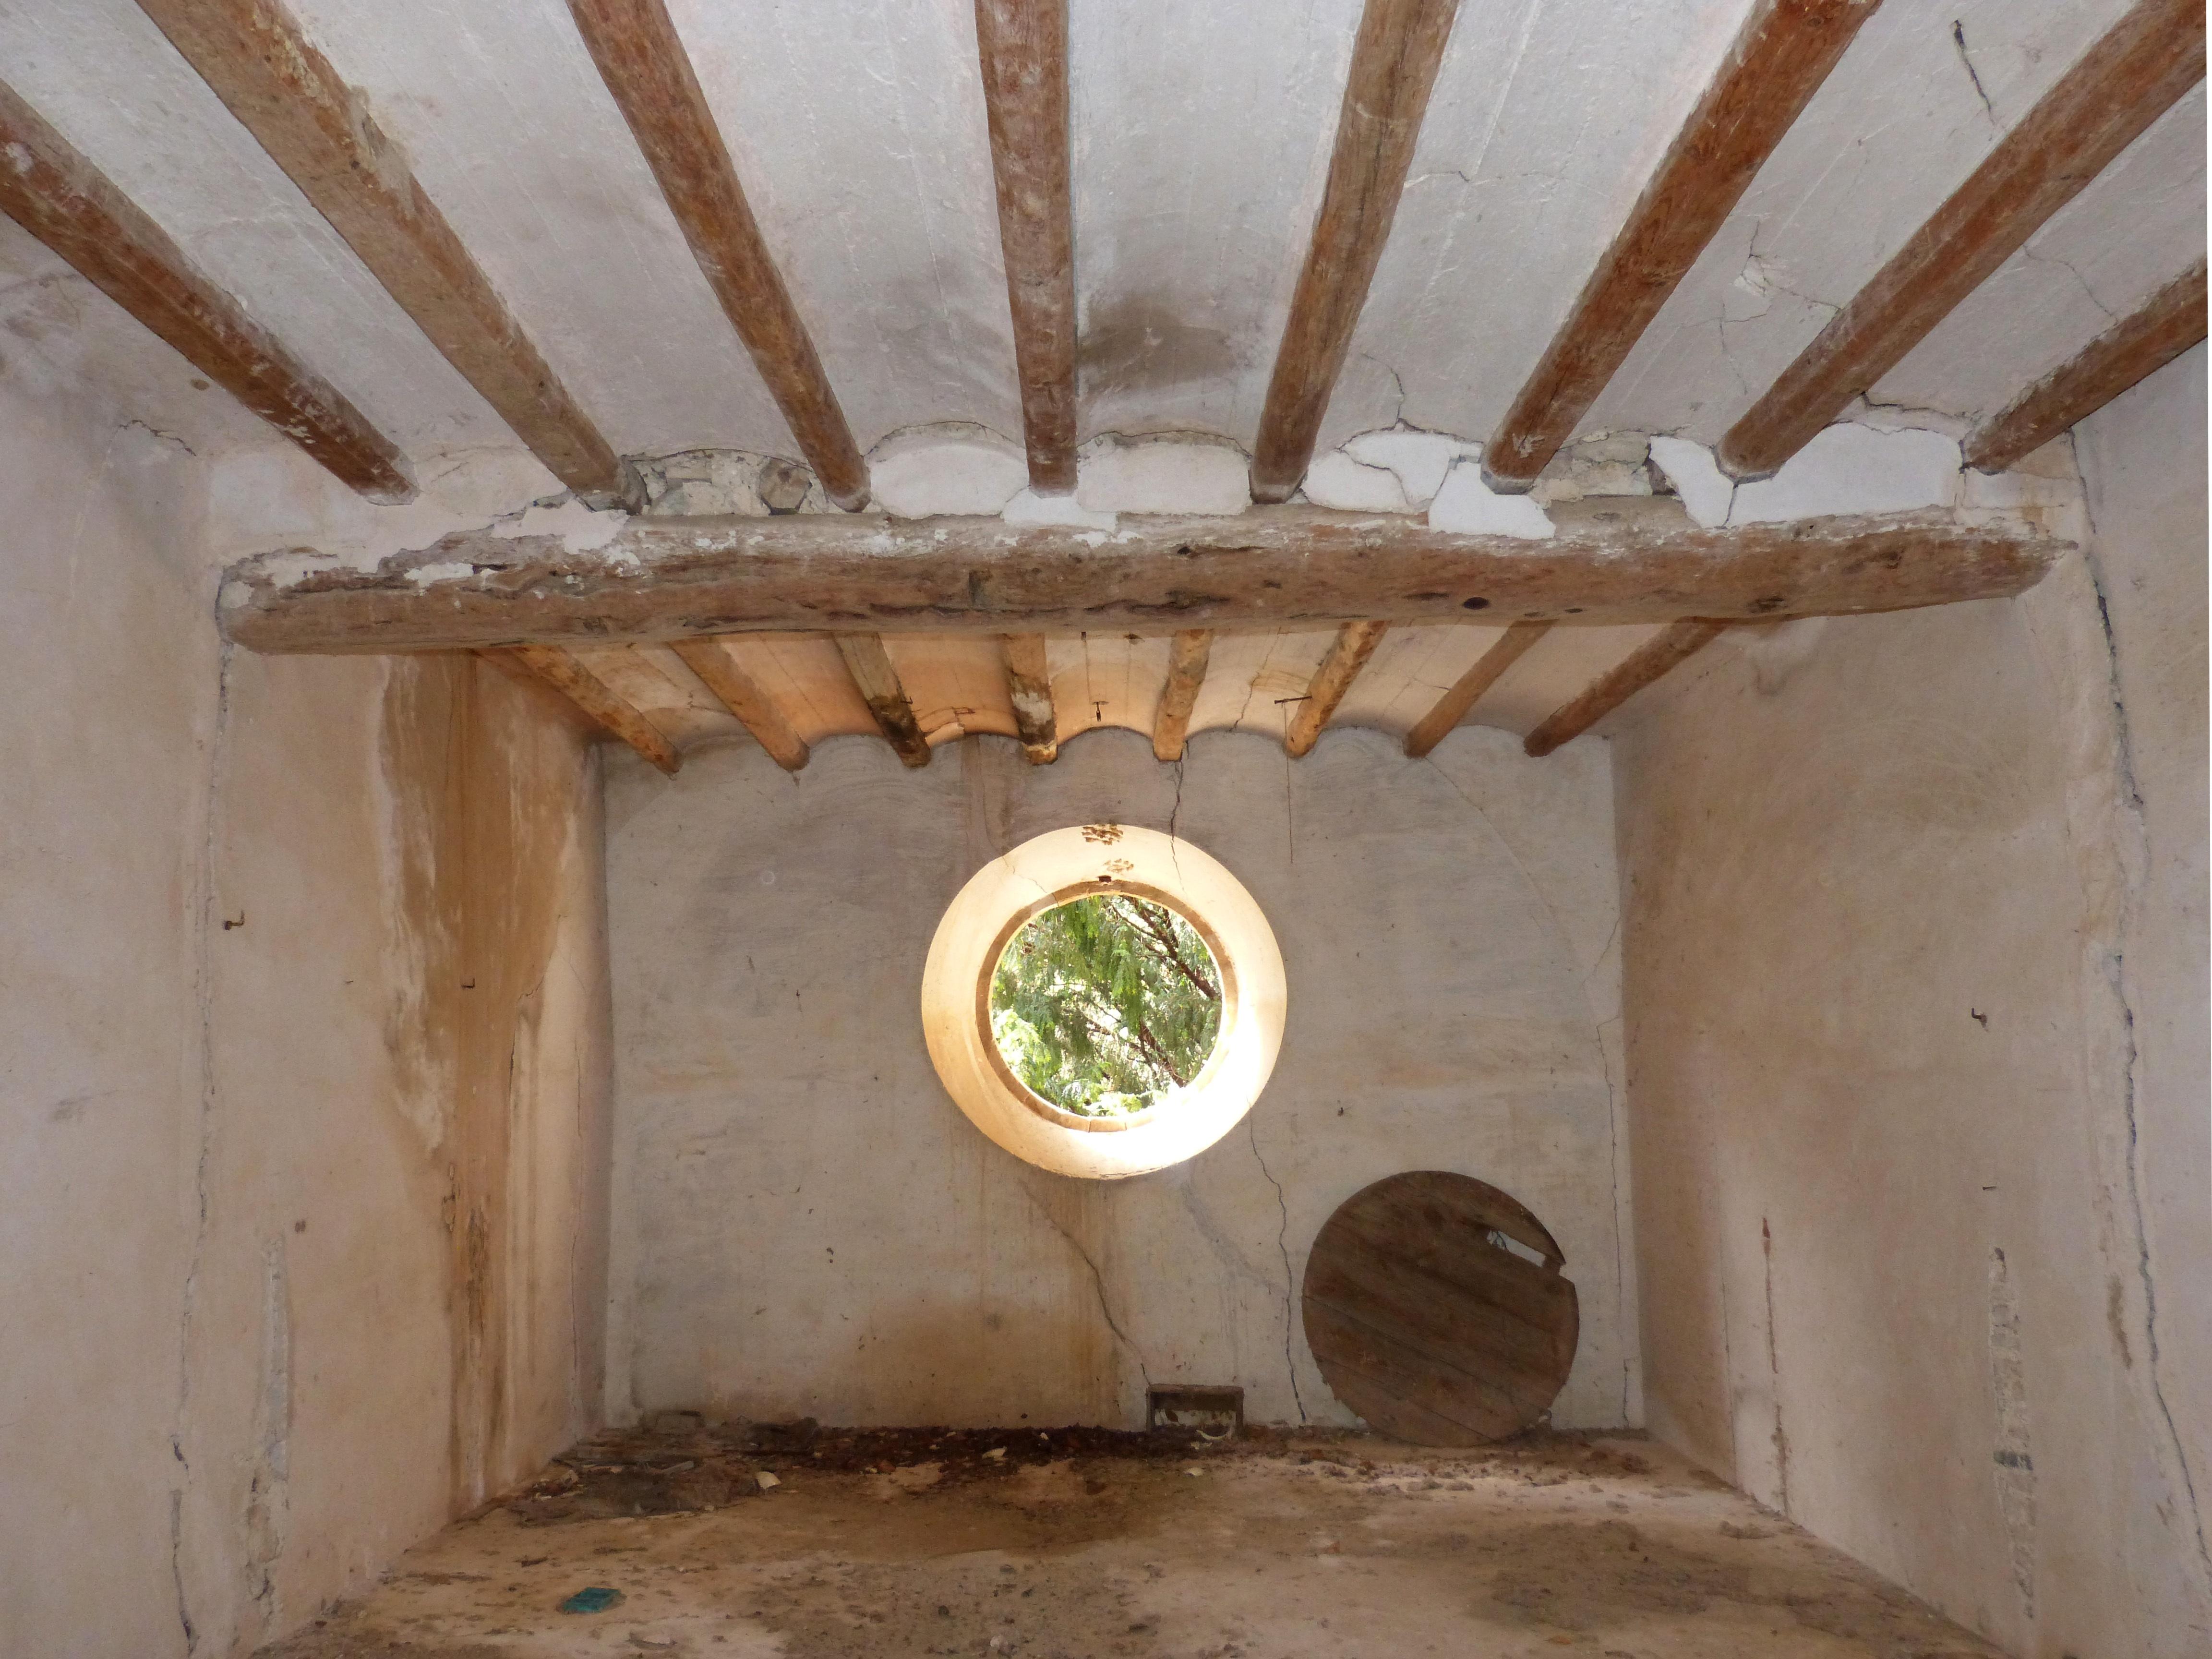 estructura madera casa piso edificio antiguo pared haz arco techo habitacin casa de campo bveda yeso